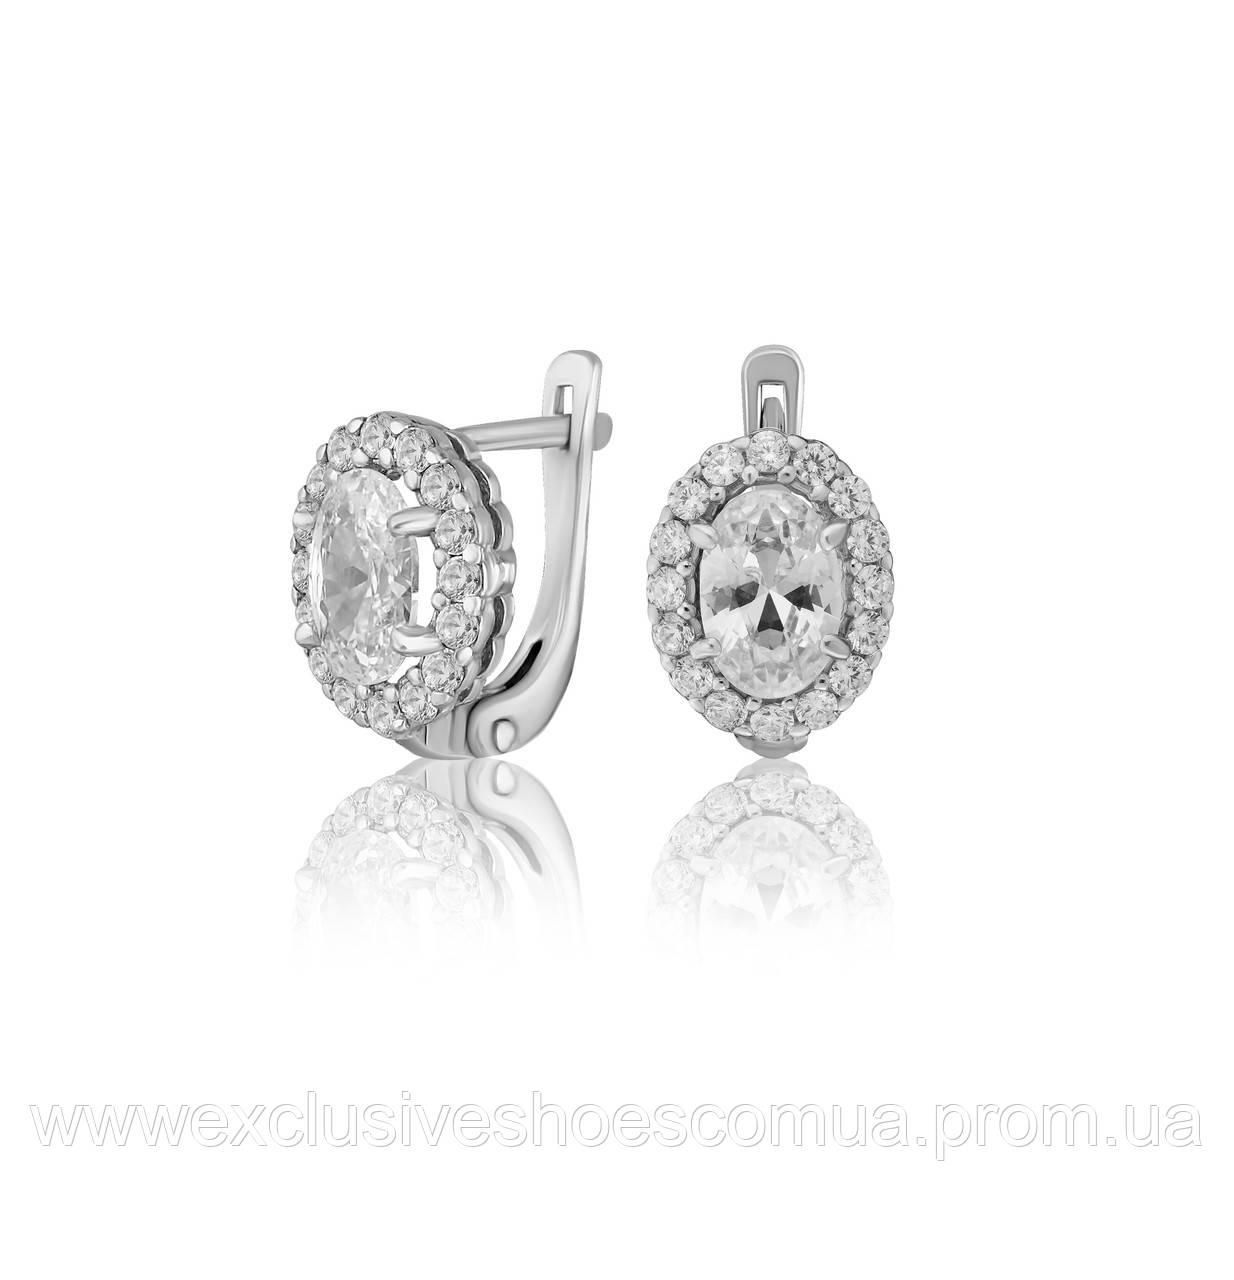 """Серебряные серьги """"Лили"""" с фианитами, арт-920052б"""